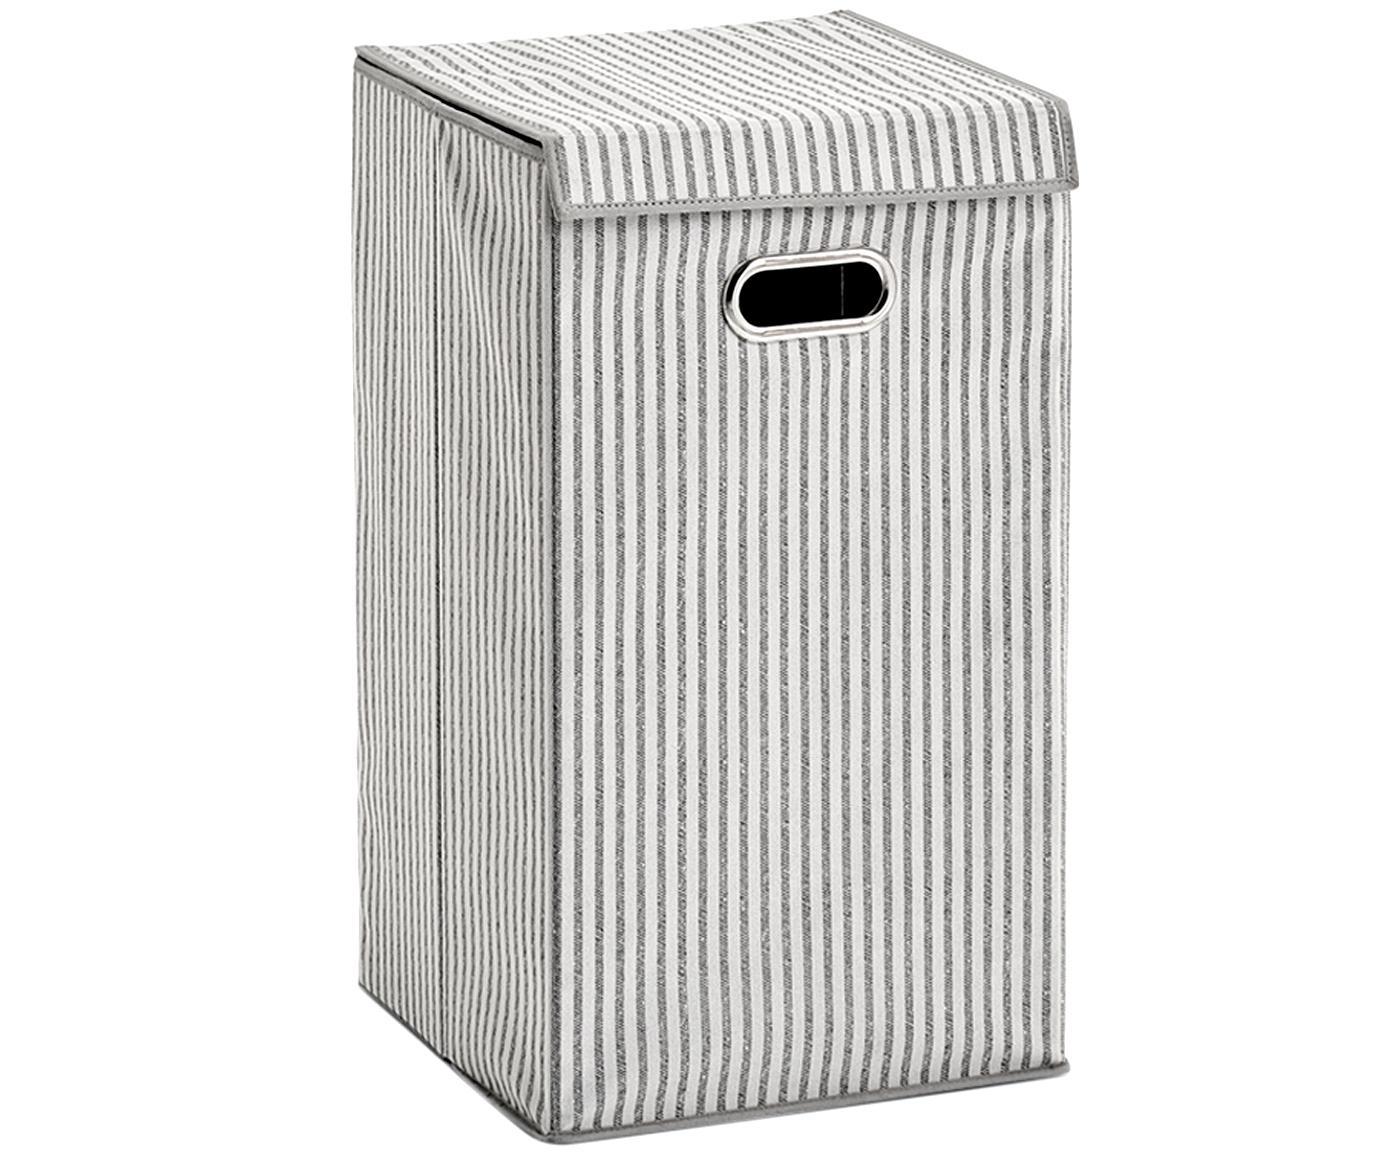 Cesta de lavandería Stripes, Asa: metal, Beige, crema, An 32 x Al 57 cm